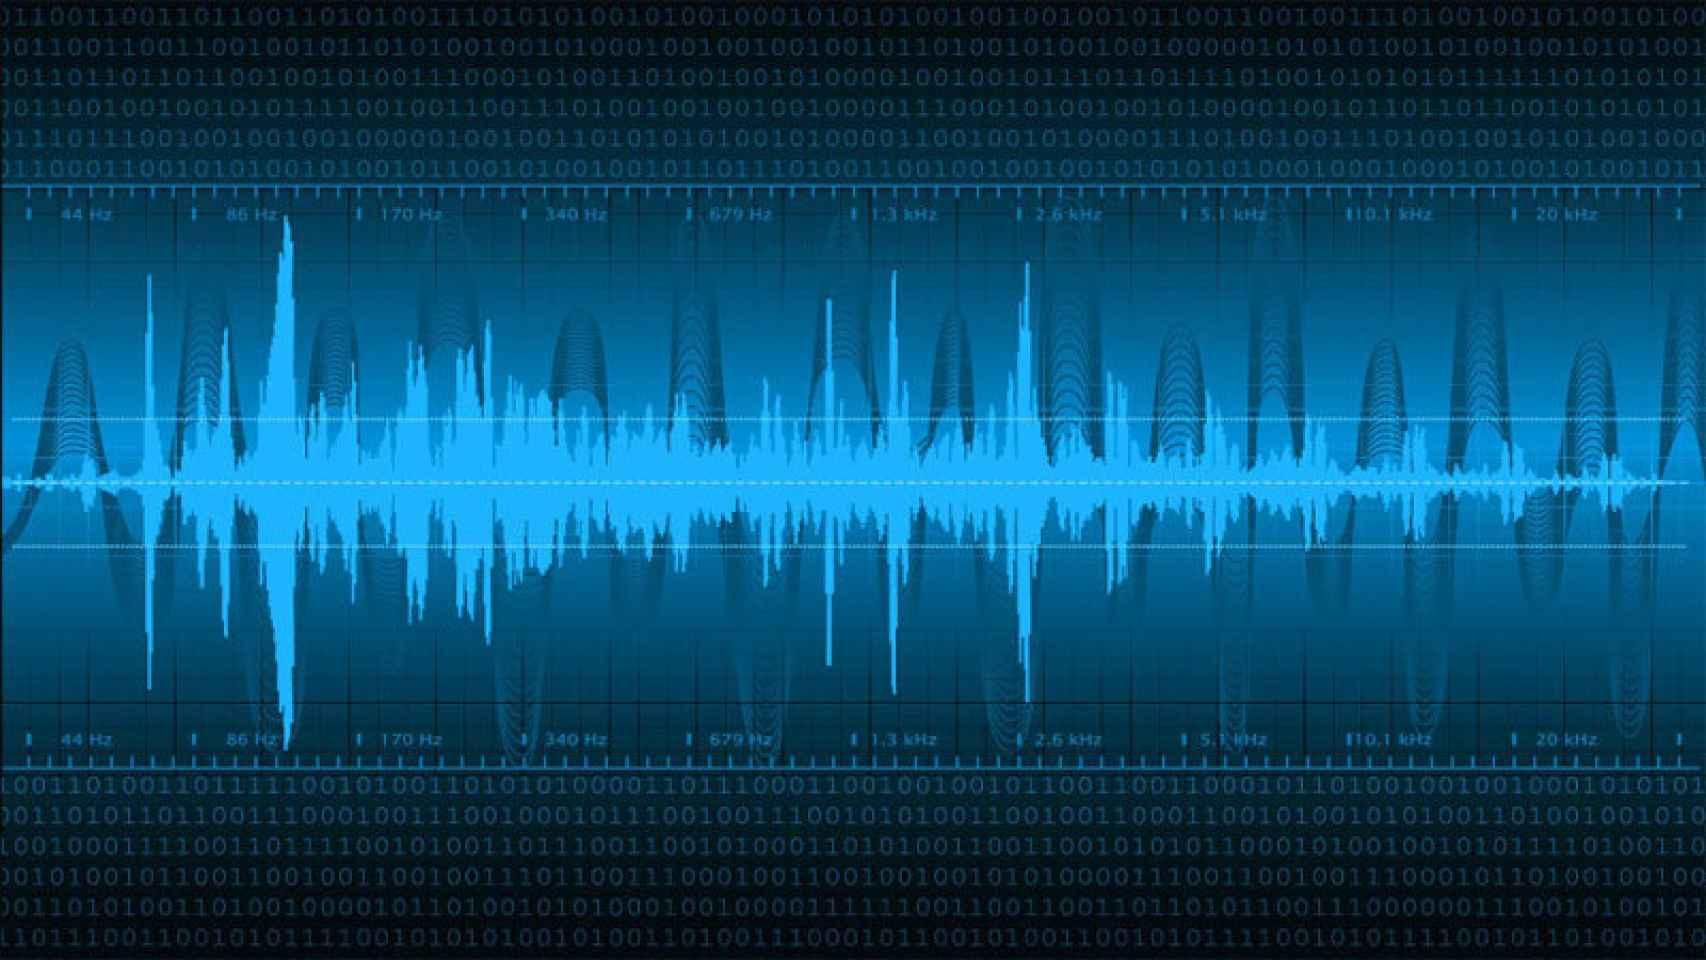 Imagen del registro de sonidos de baja frecuencia.